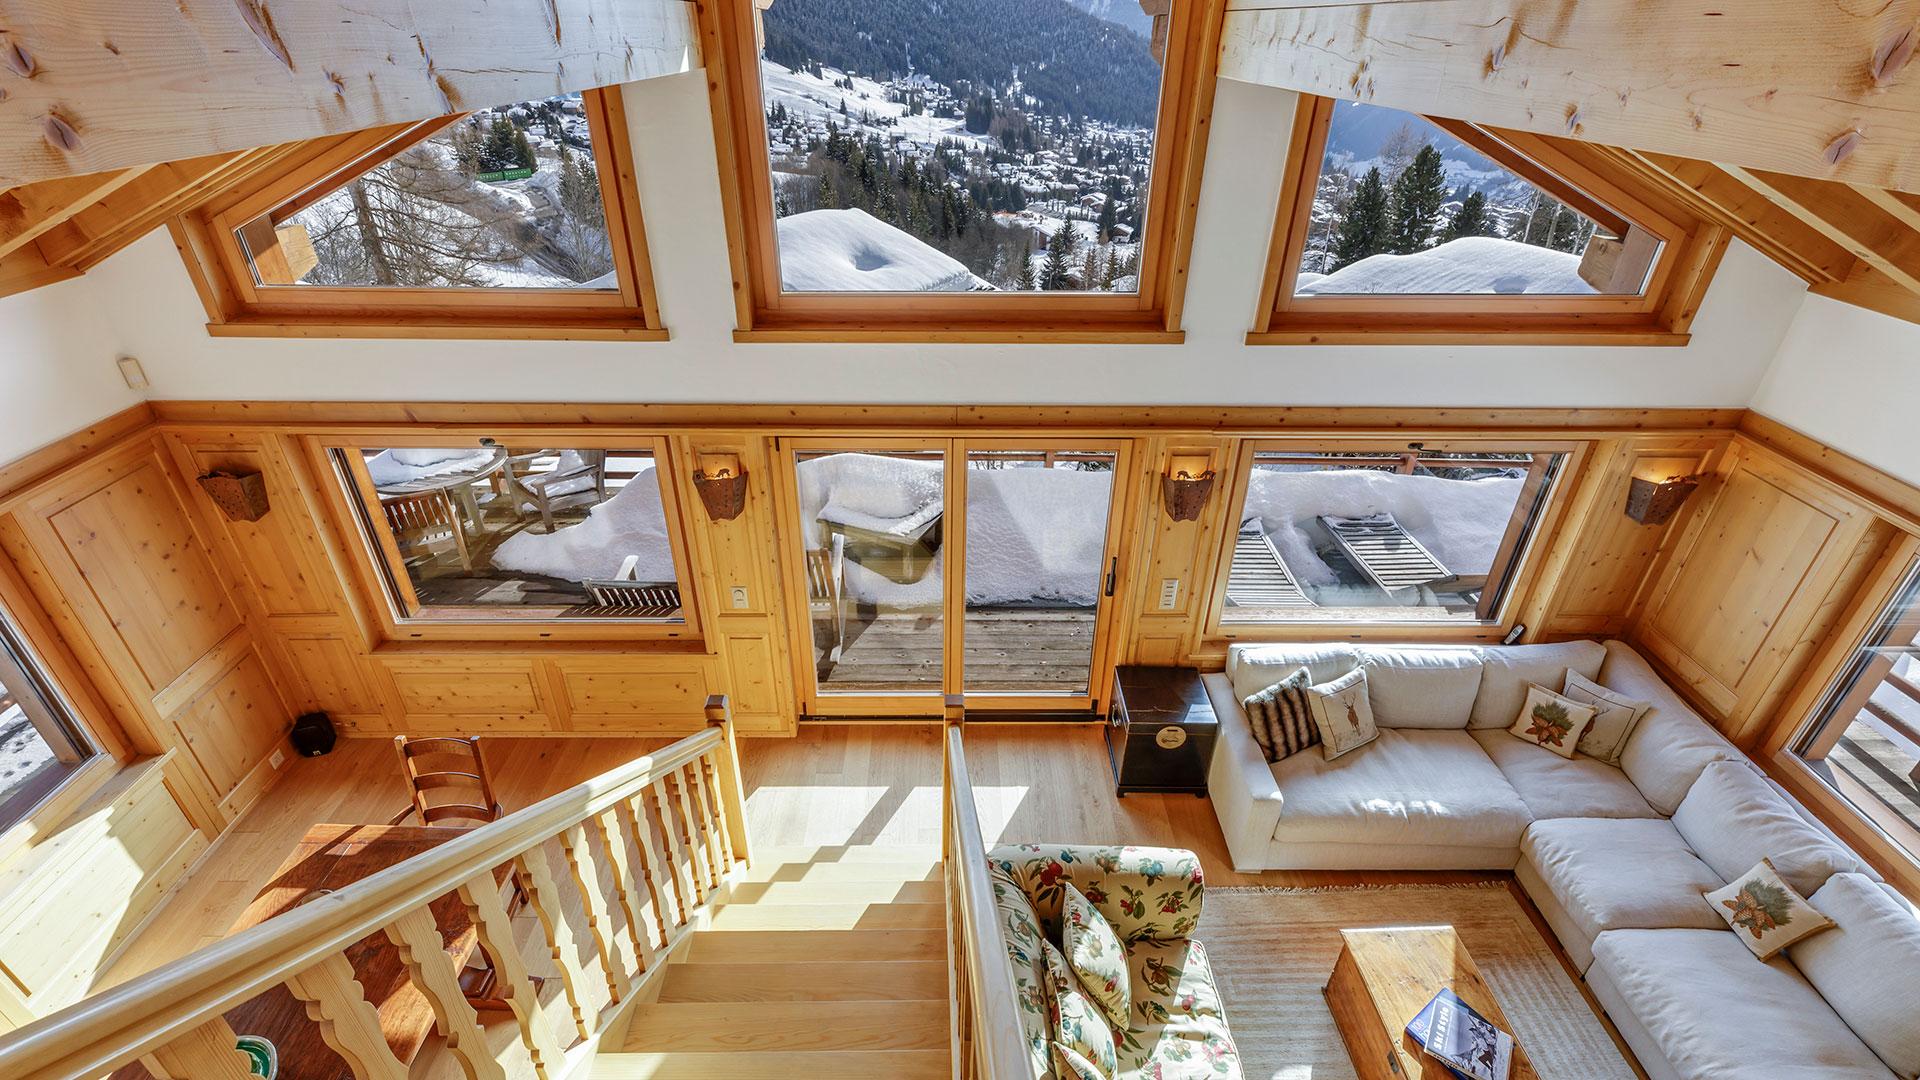 Chesa Luna Chalet, Switzerland